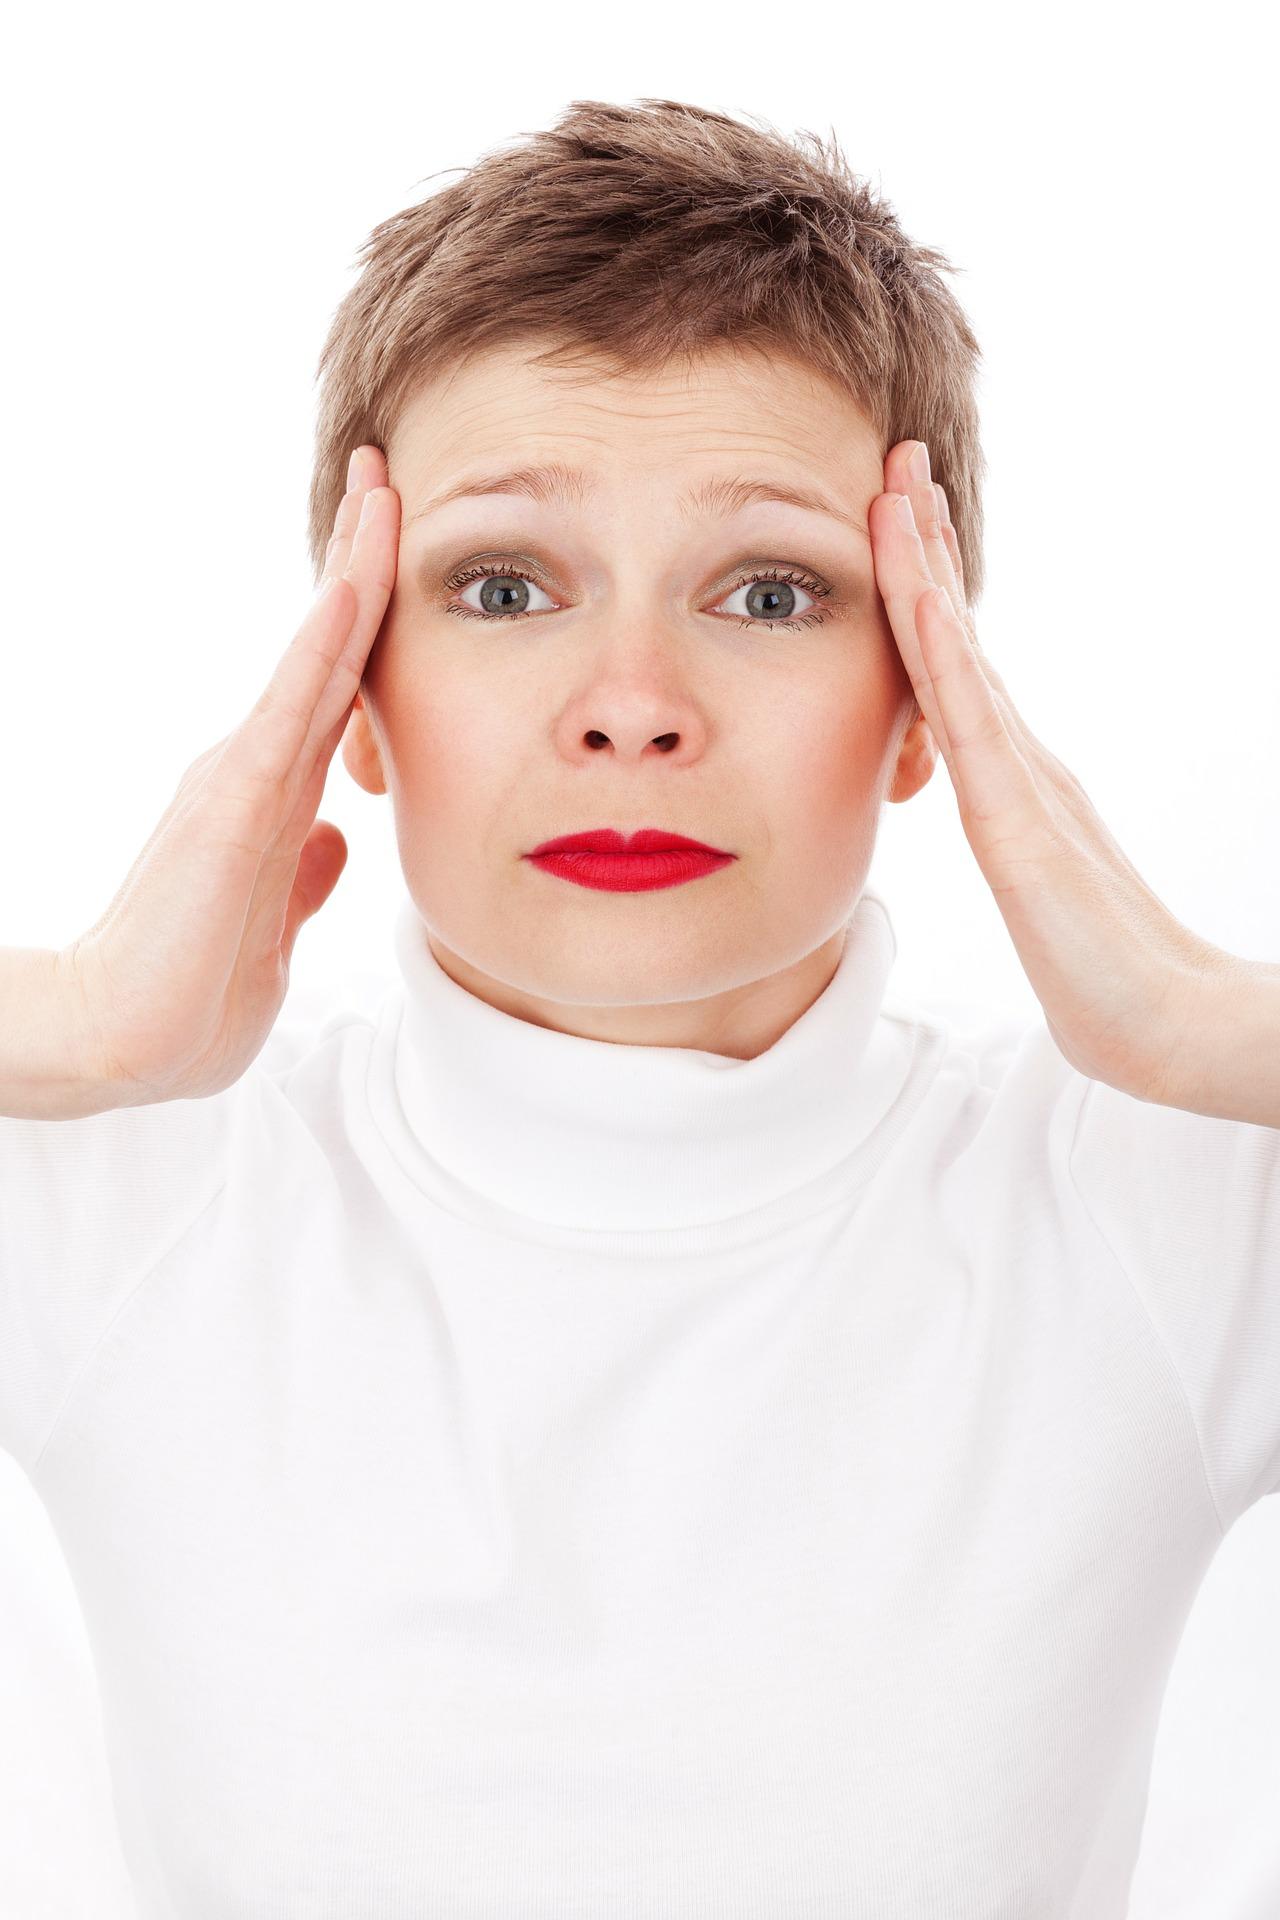 El glutamato monosódico potencia el efecto de las migrañas